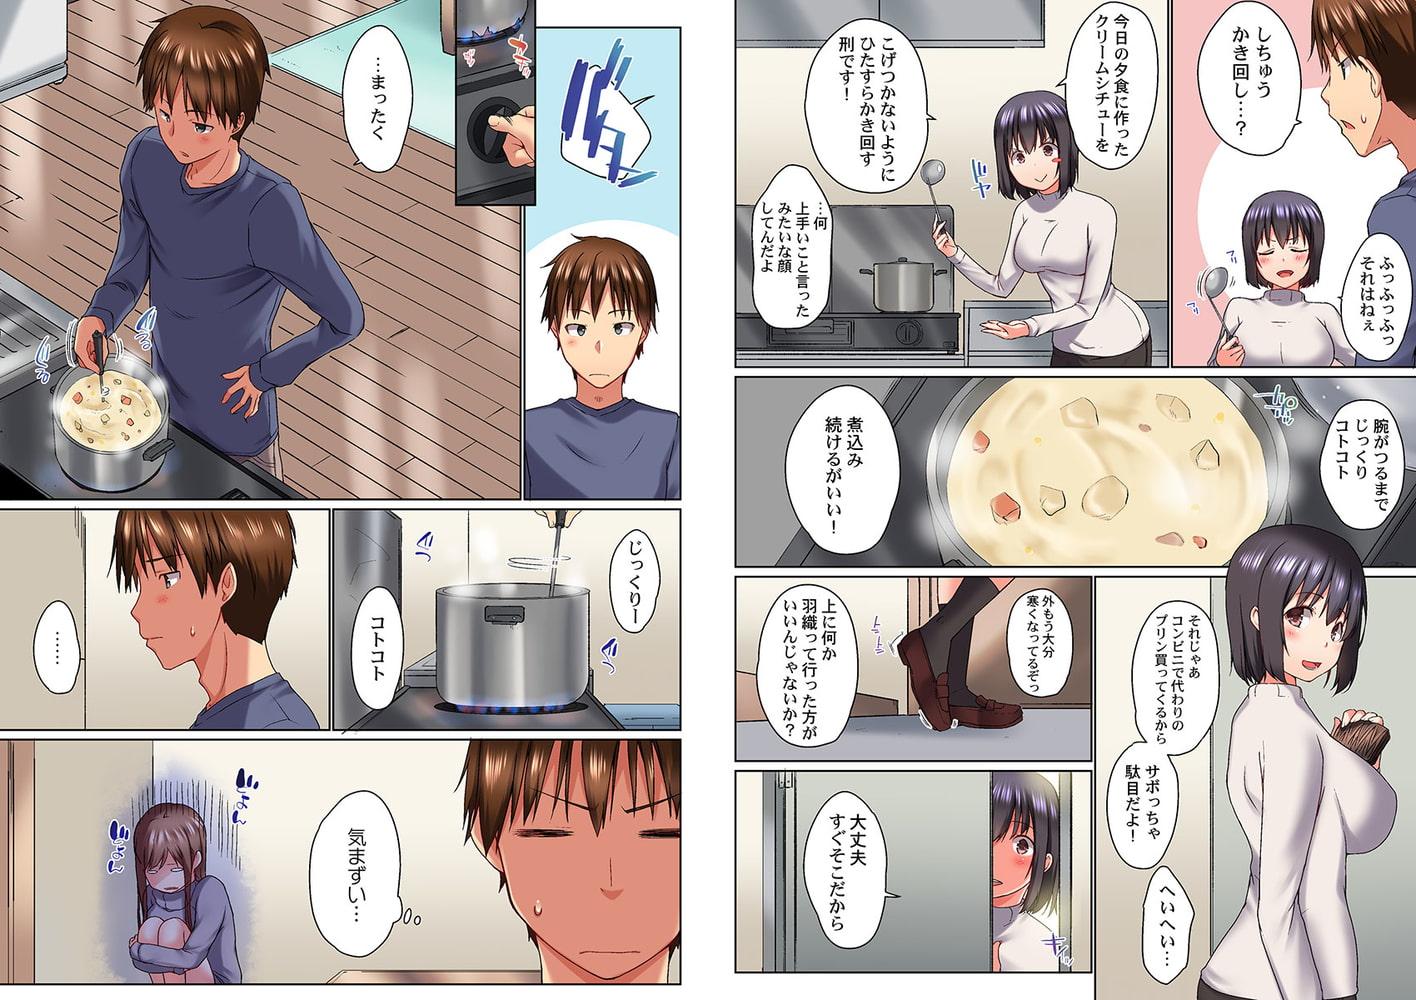 実は今入ってます…。お風呂でお兄ちゃんの硬いアレが…っ 7